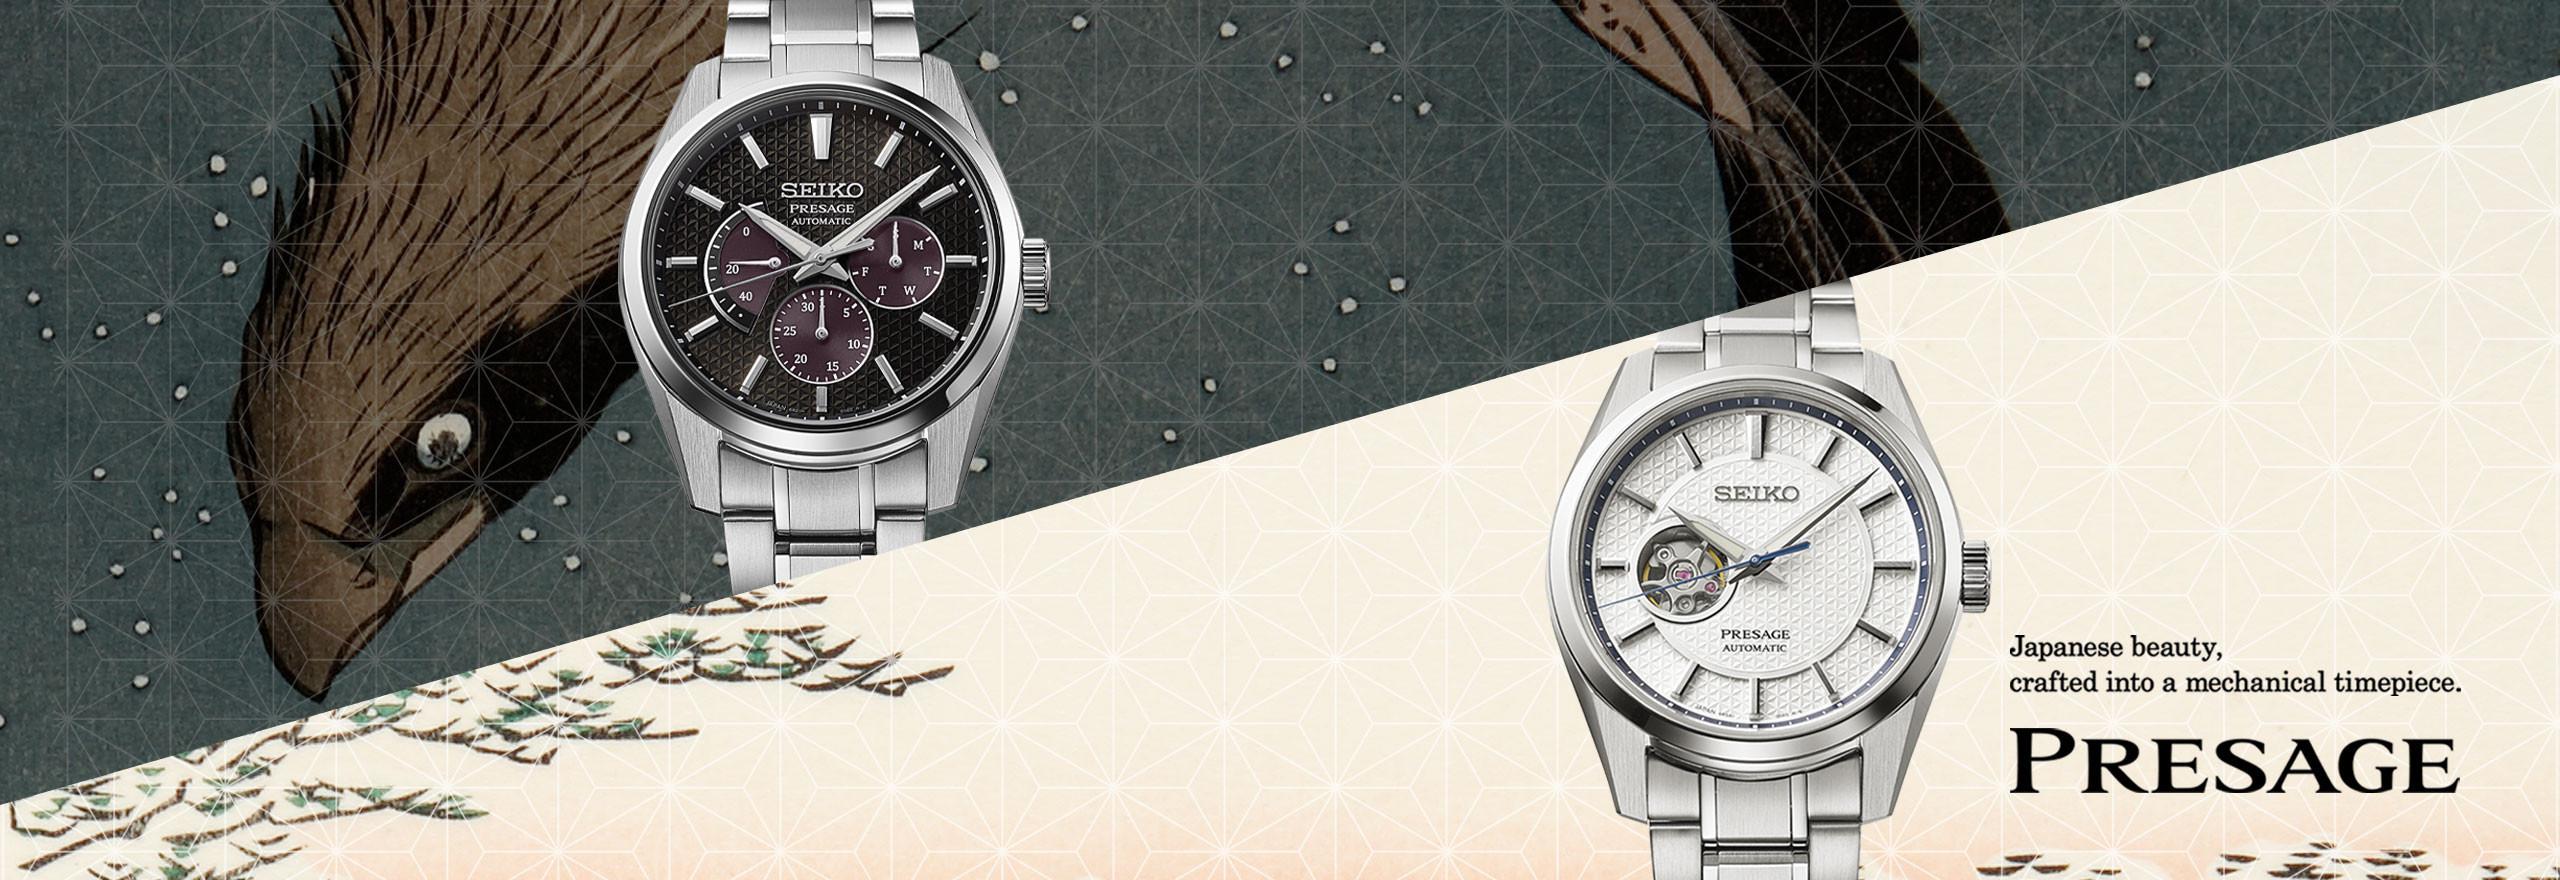 Relojes Seiko Presage. Seiko Boutique Tienda Online Oficial